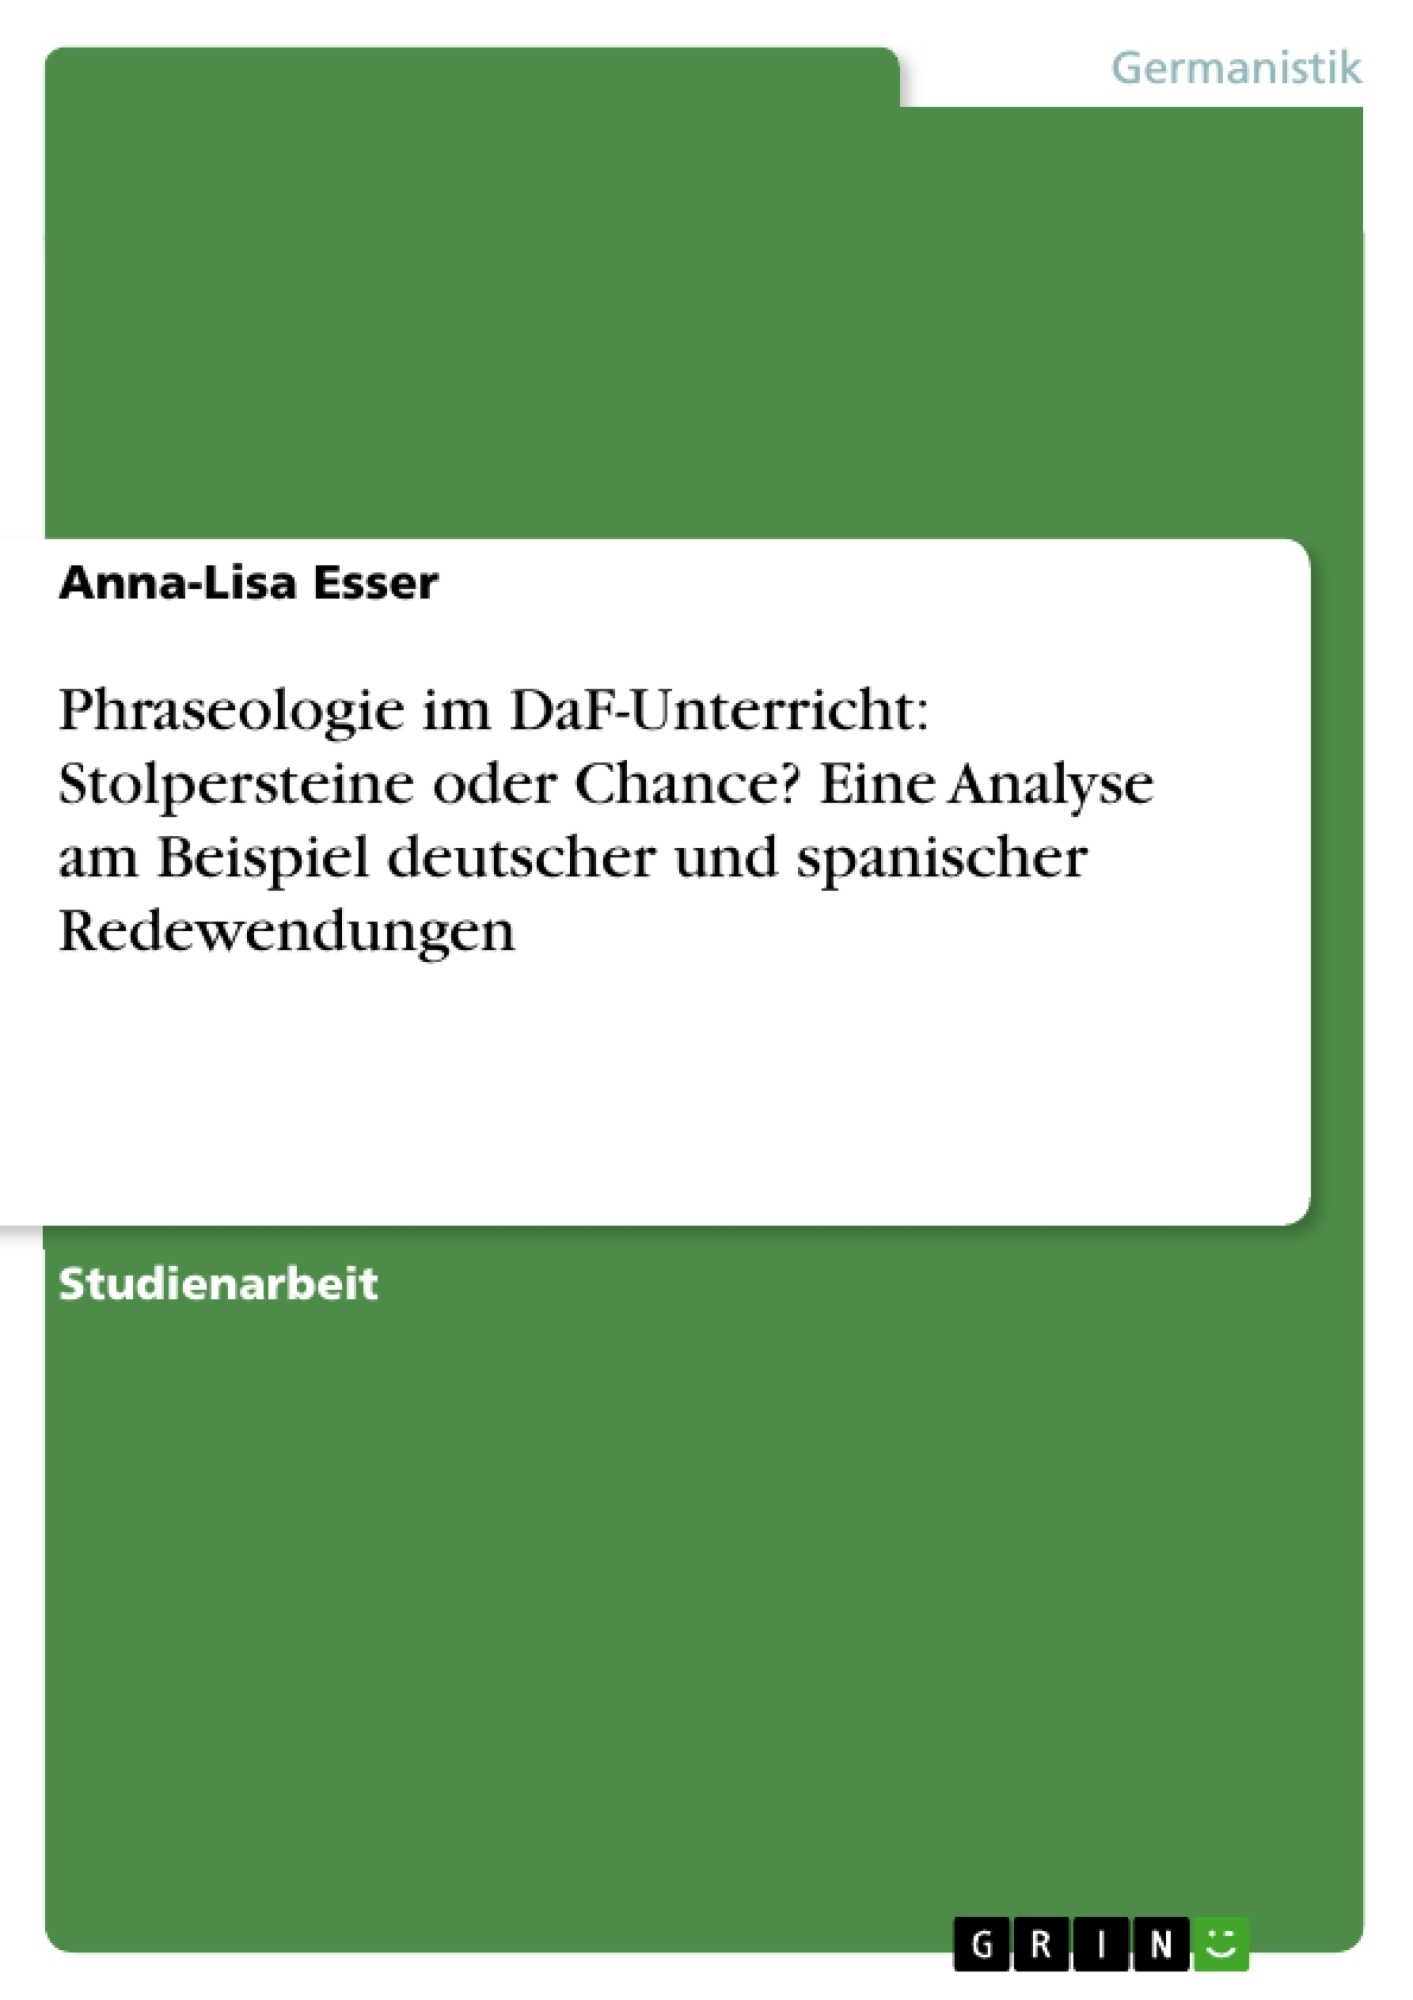 Titel: Phraseologie im DaF-Unterricht: Stolpersteine oder Chance? Eine Analyse am Beispiel deutscher und spanischer Redewendungen